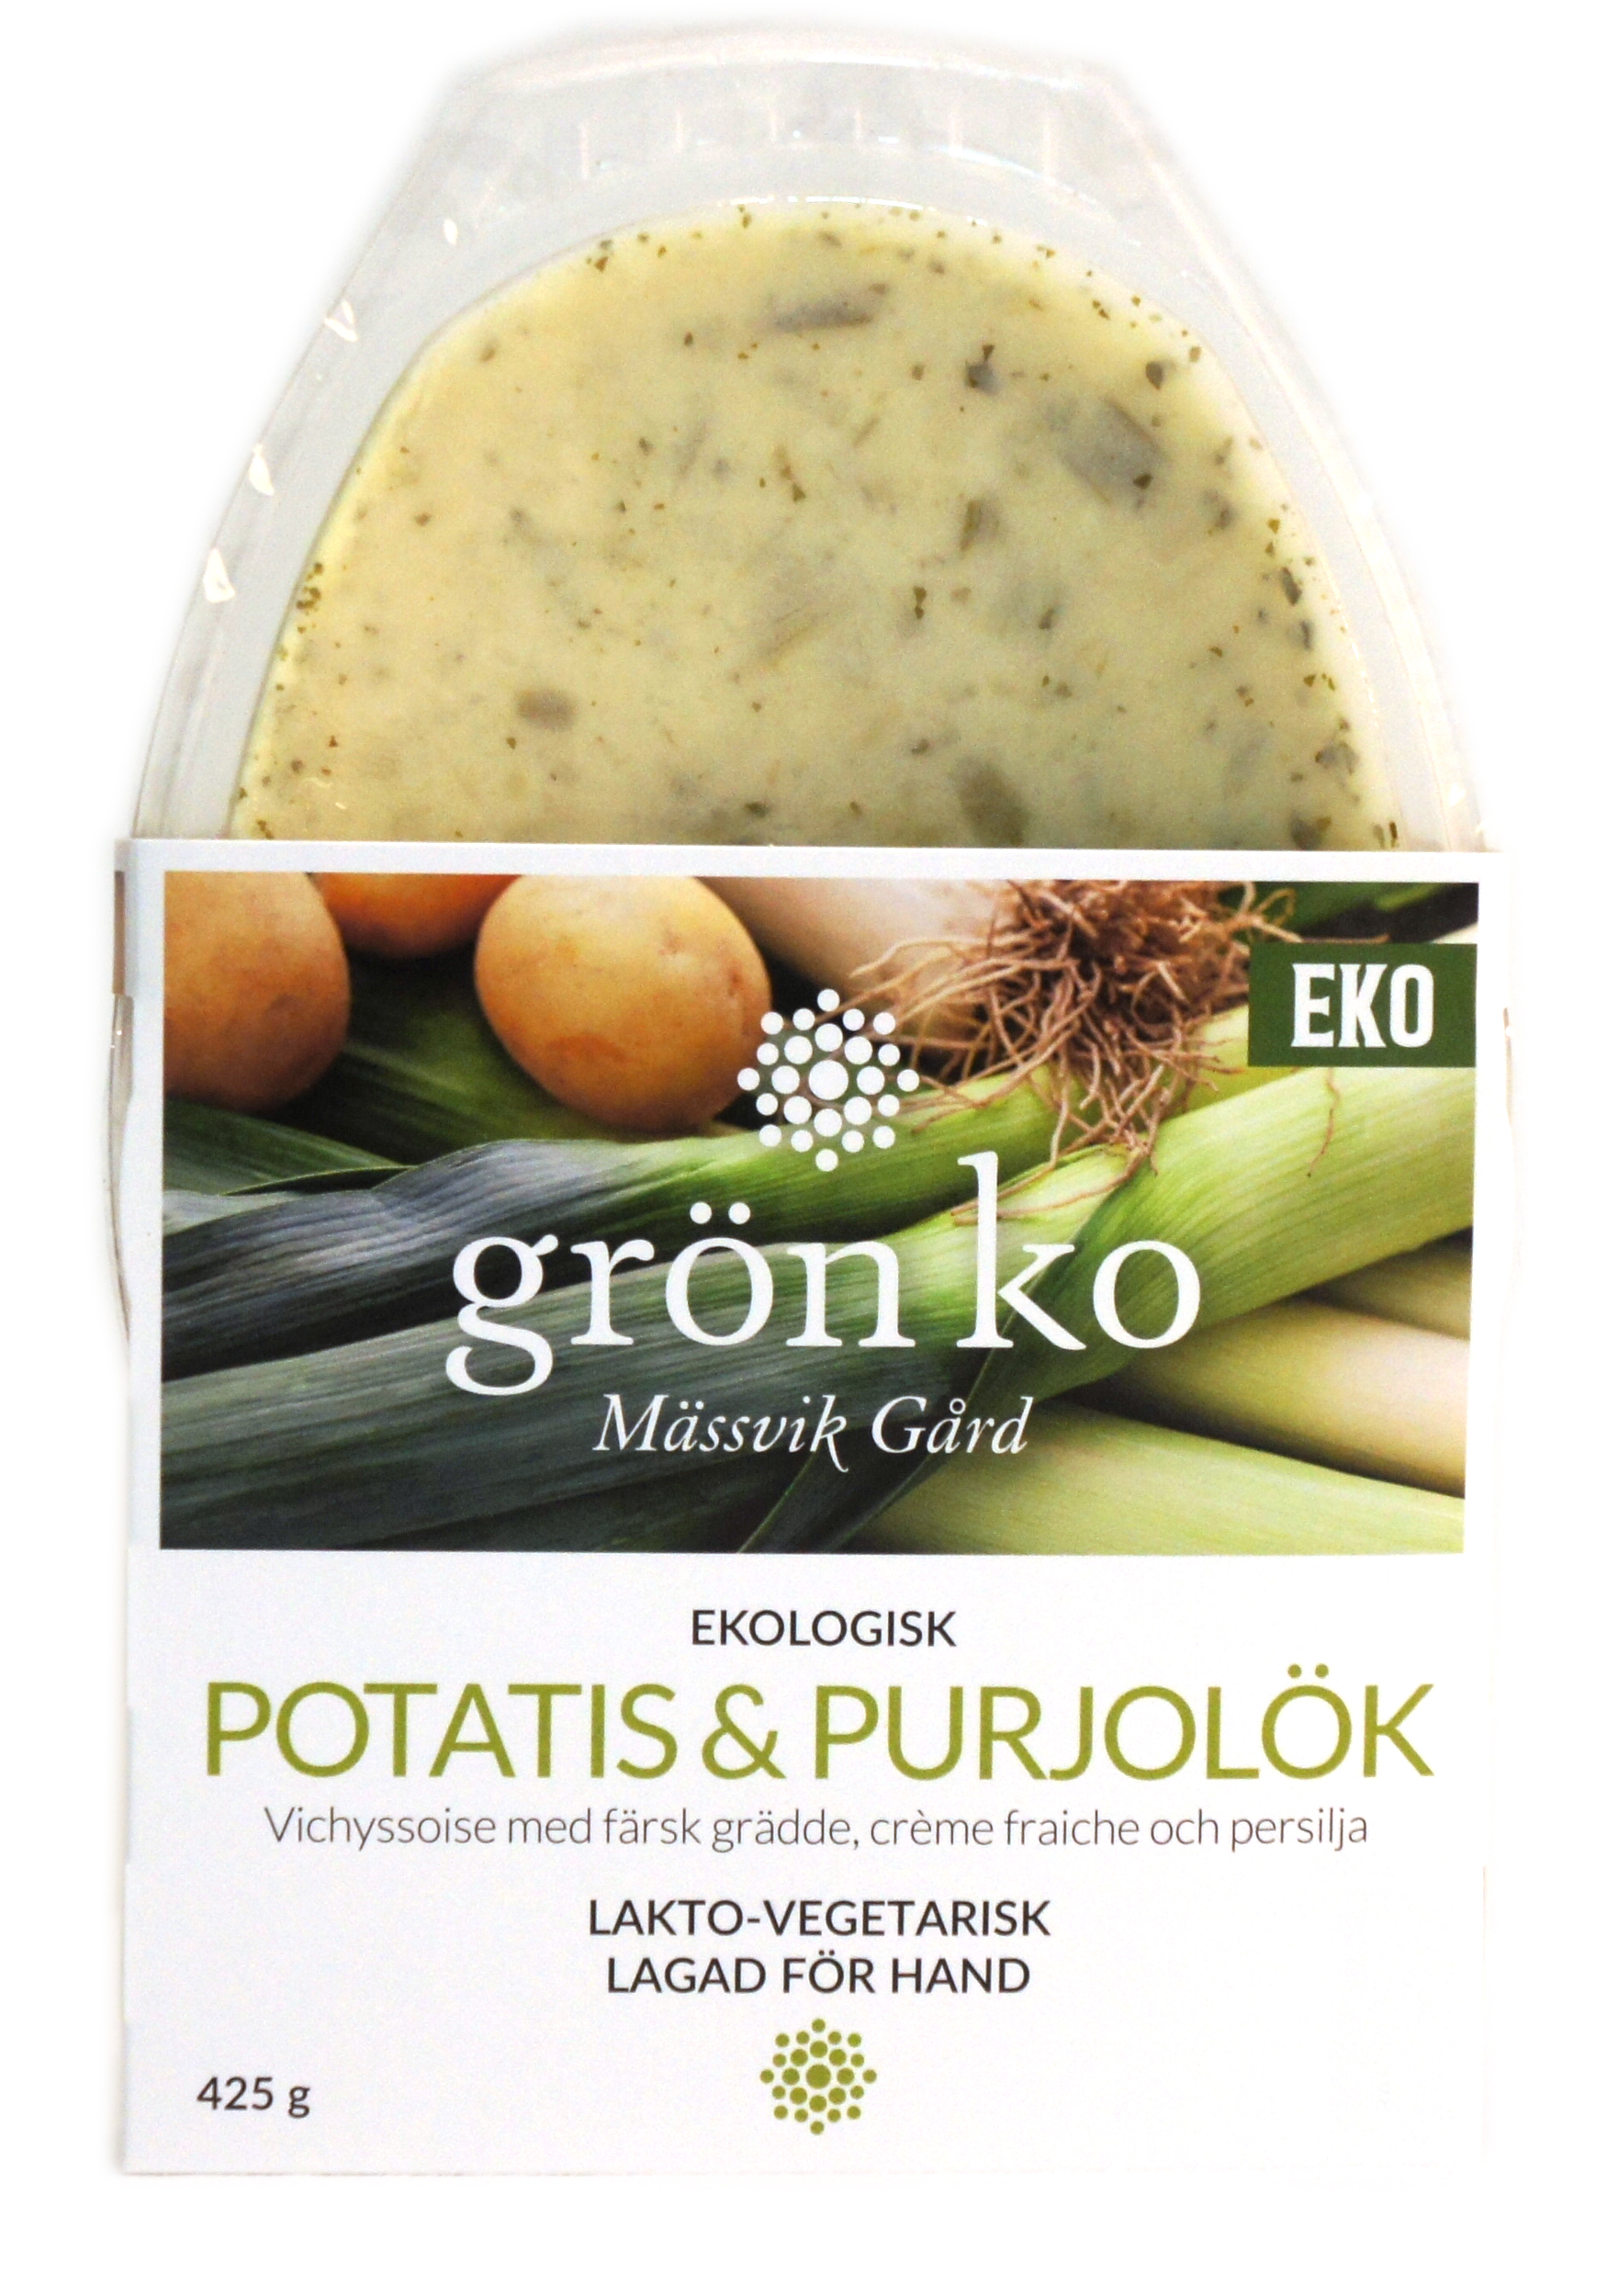 Potatis & Purjolökssoppa